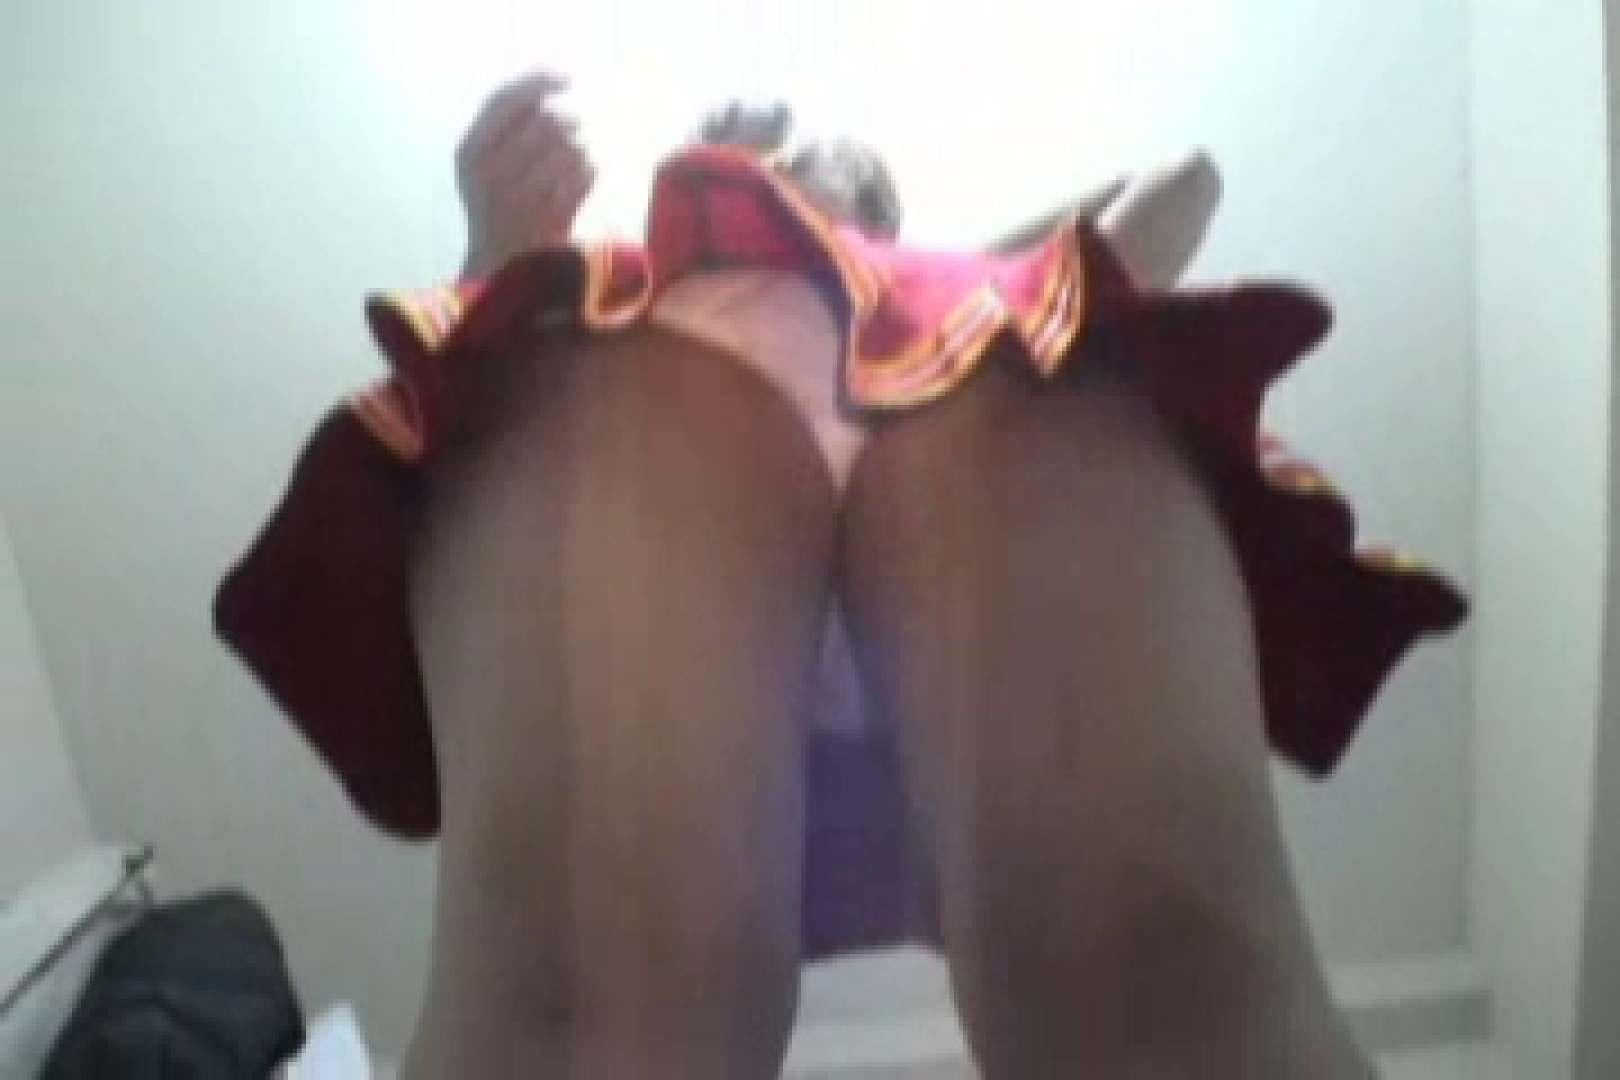 パンツ売りの女の子 ゆづきちゃんvol.2 OLのボディ エロ画像 66PIX 38